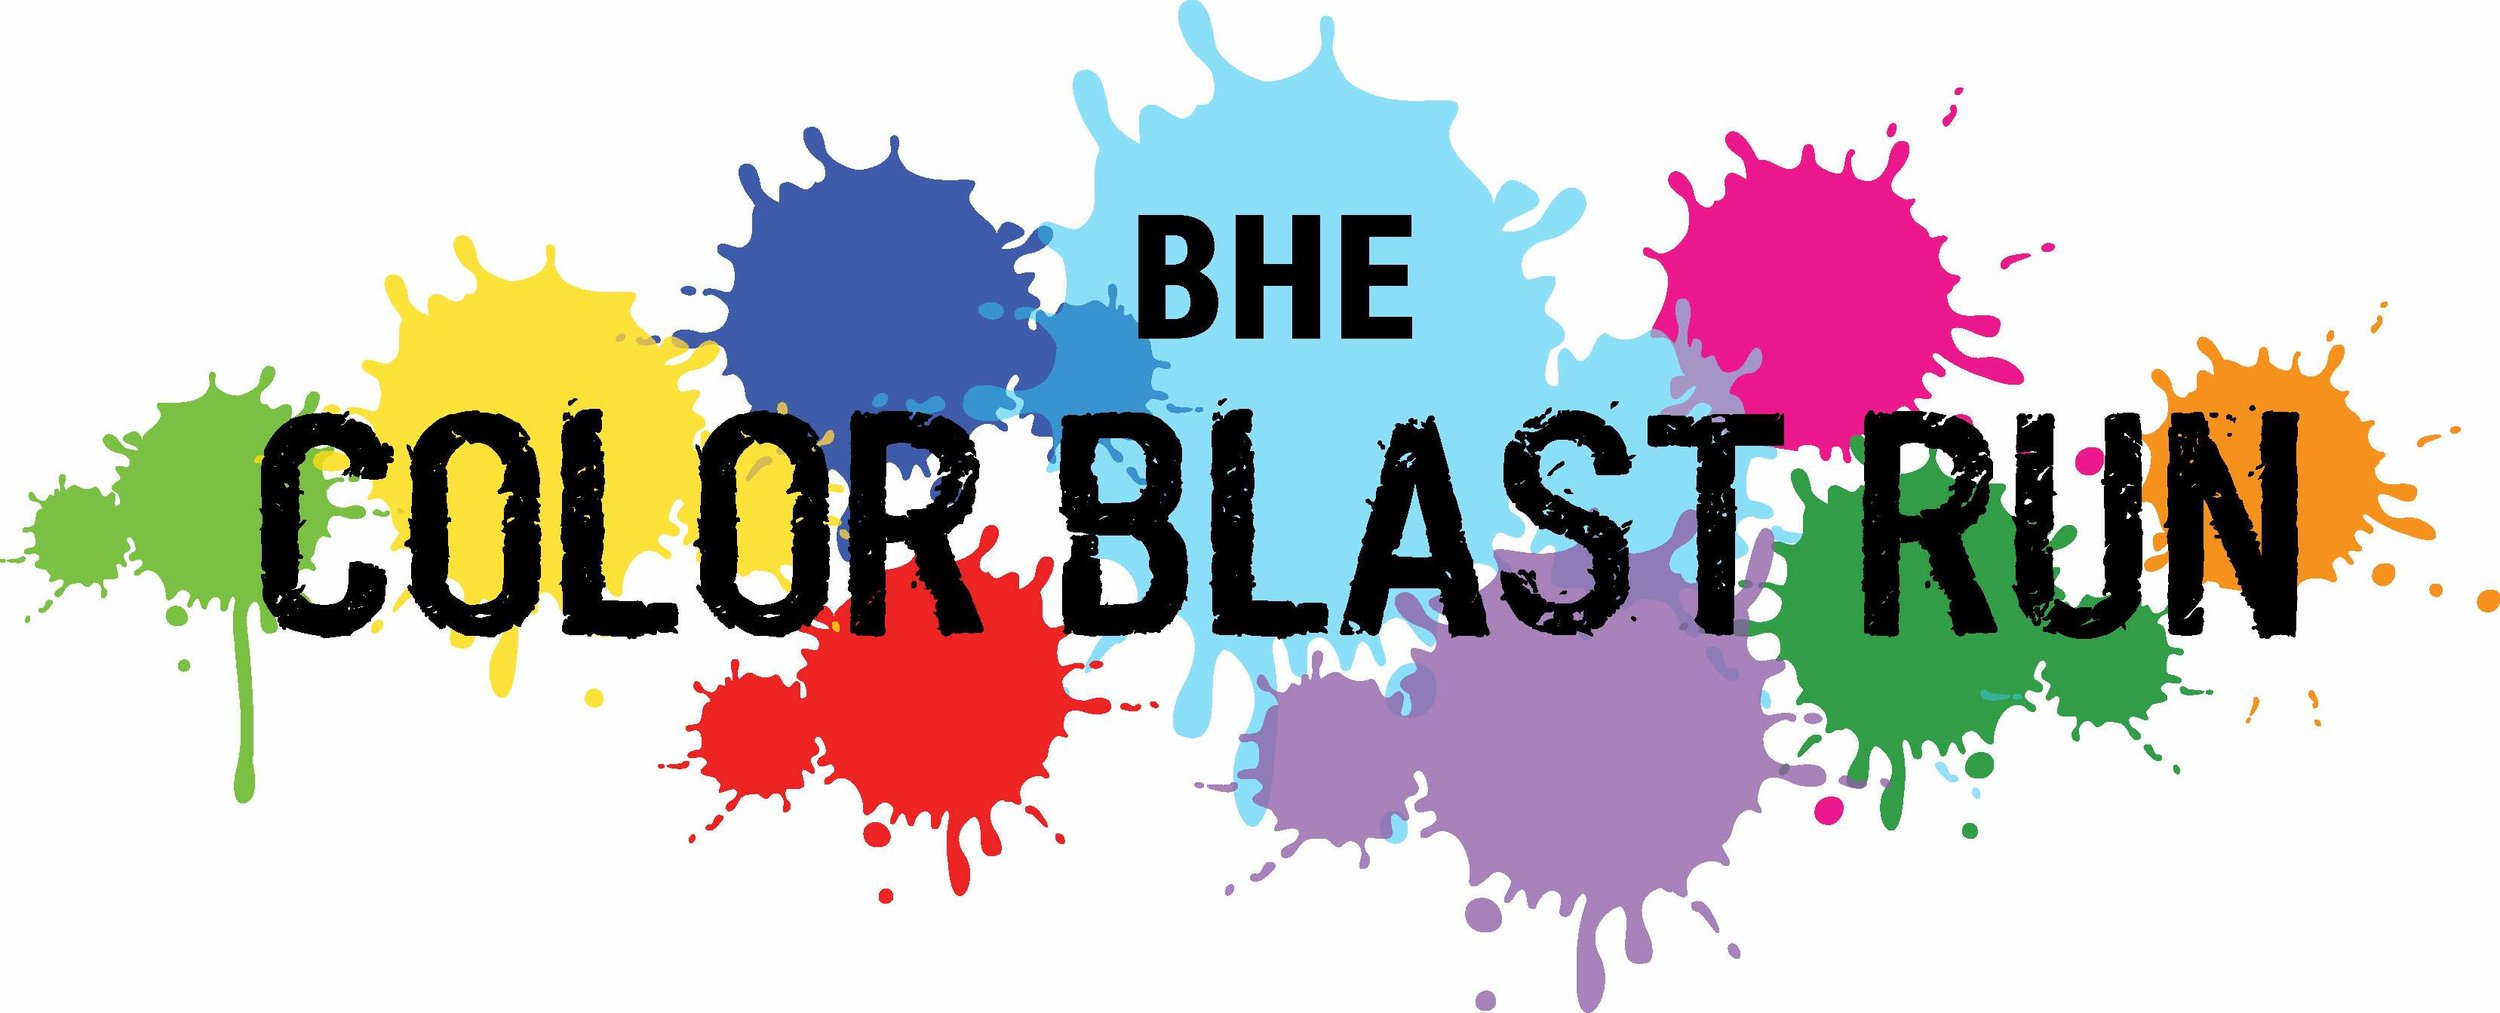 ColorBlastBannerWebsite.jpg